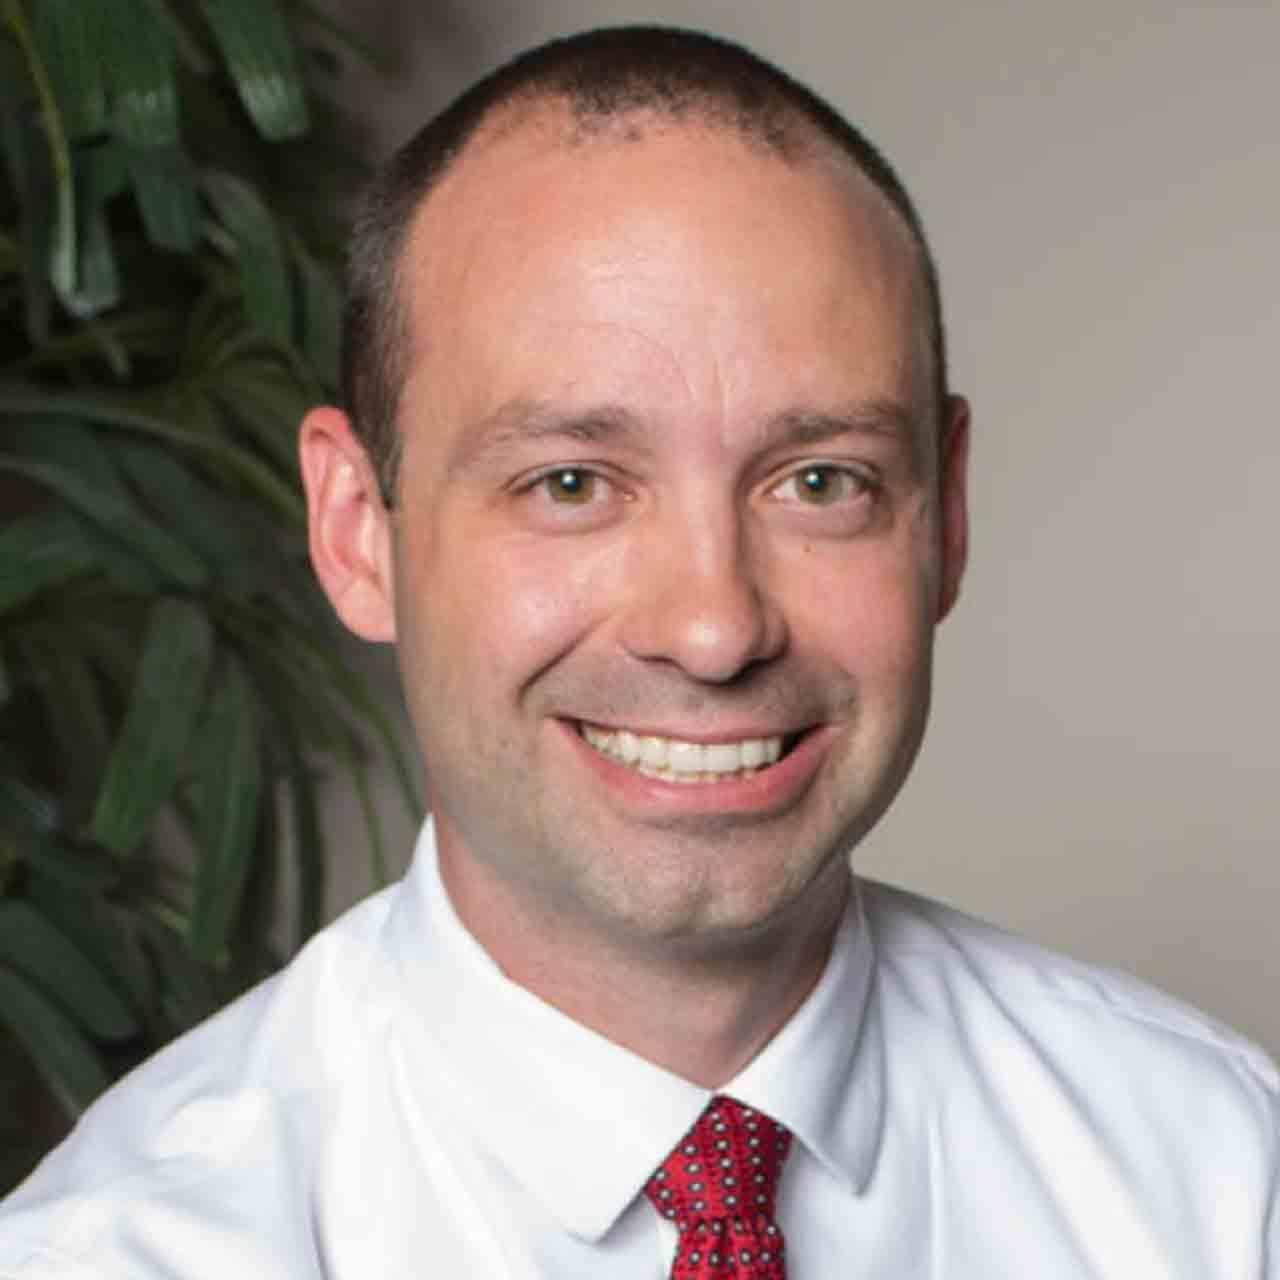 Kevin G. Rhoad